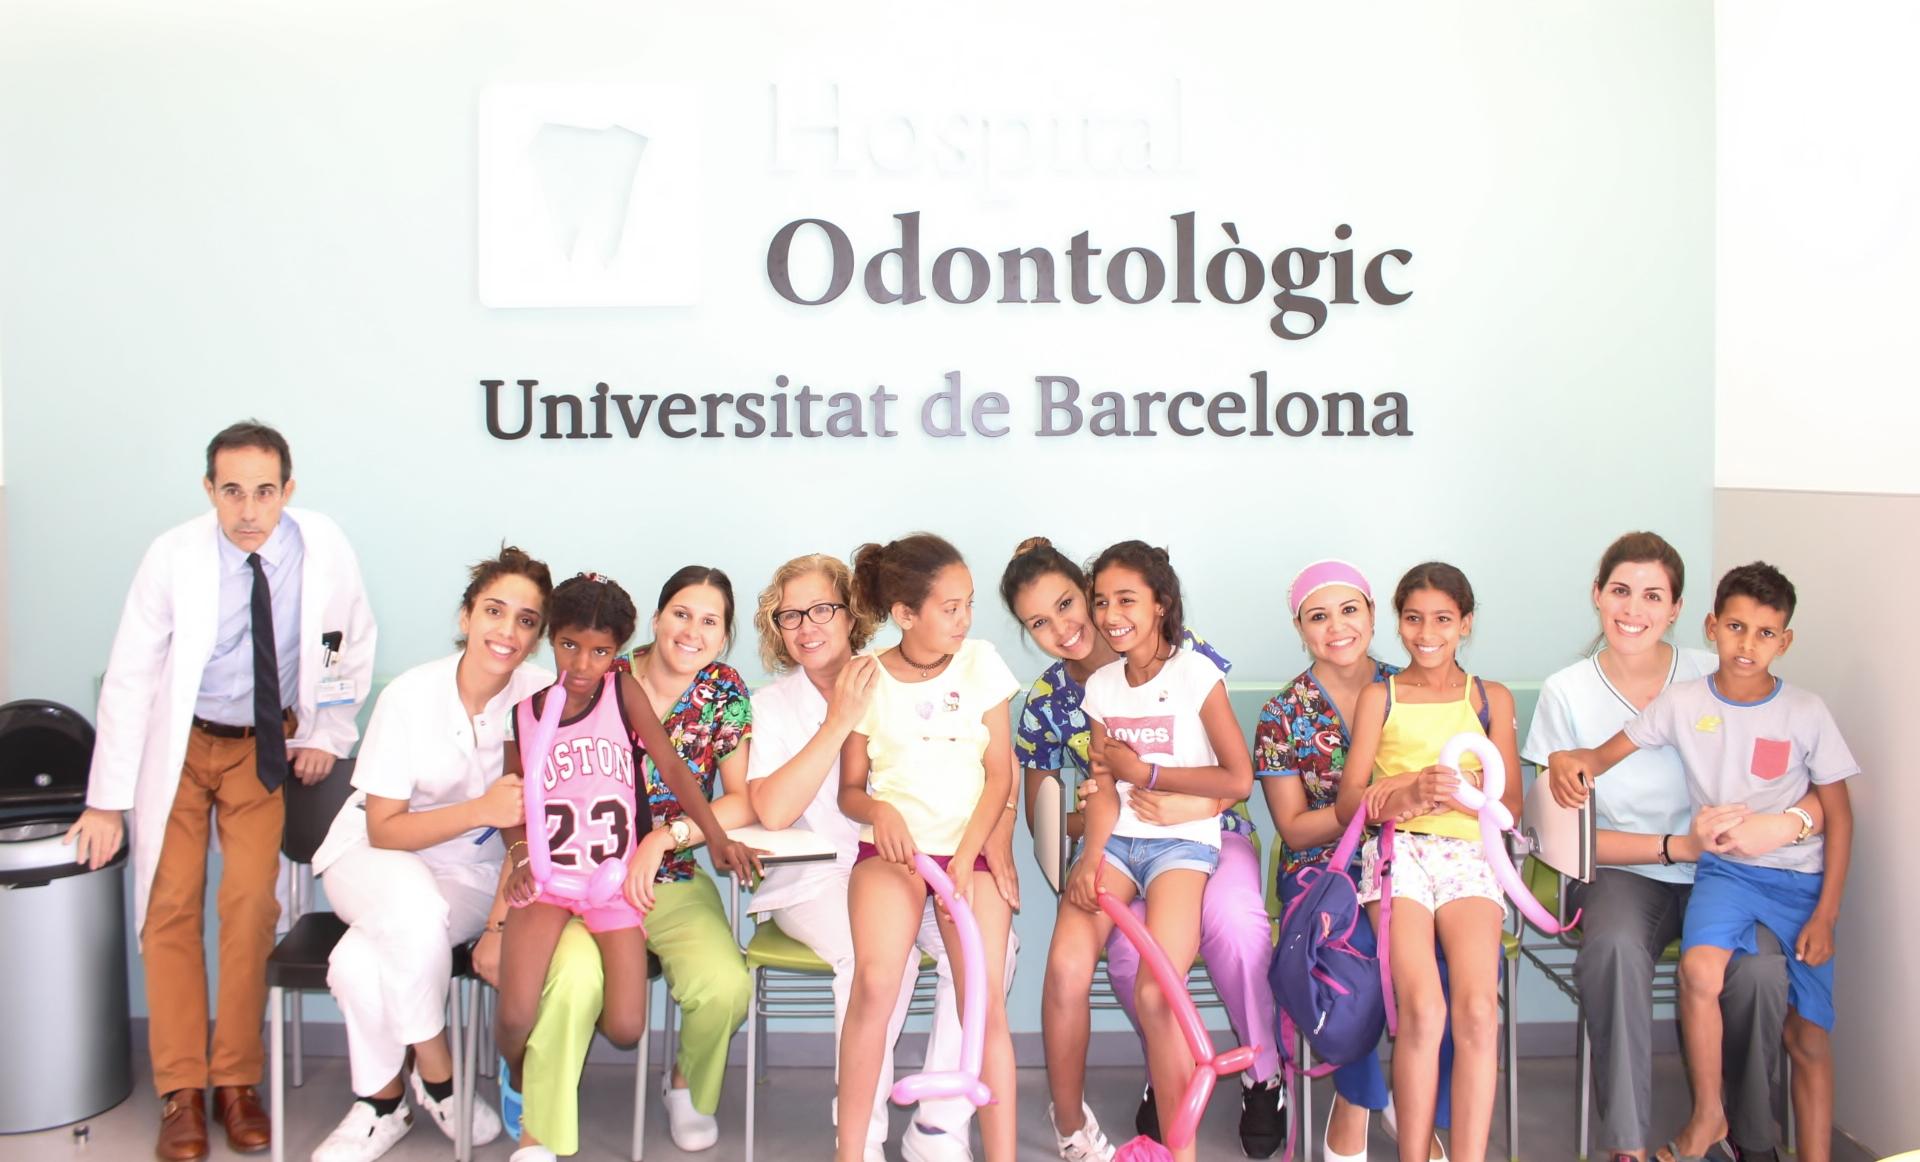 Infants saharauis reben visita odontològica gratuïta, un any més, a l'Hospital Odontològic UB